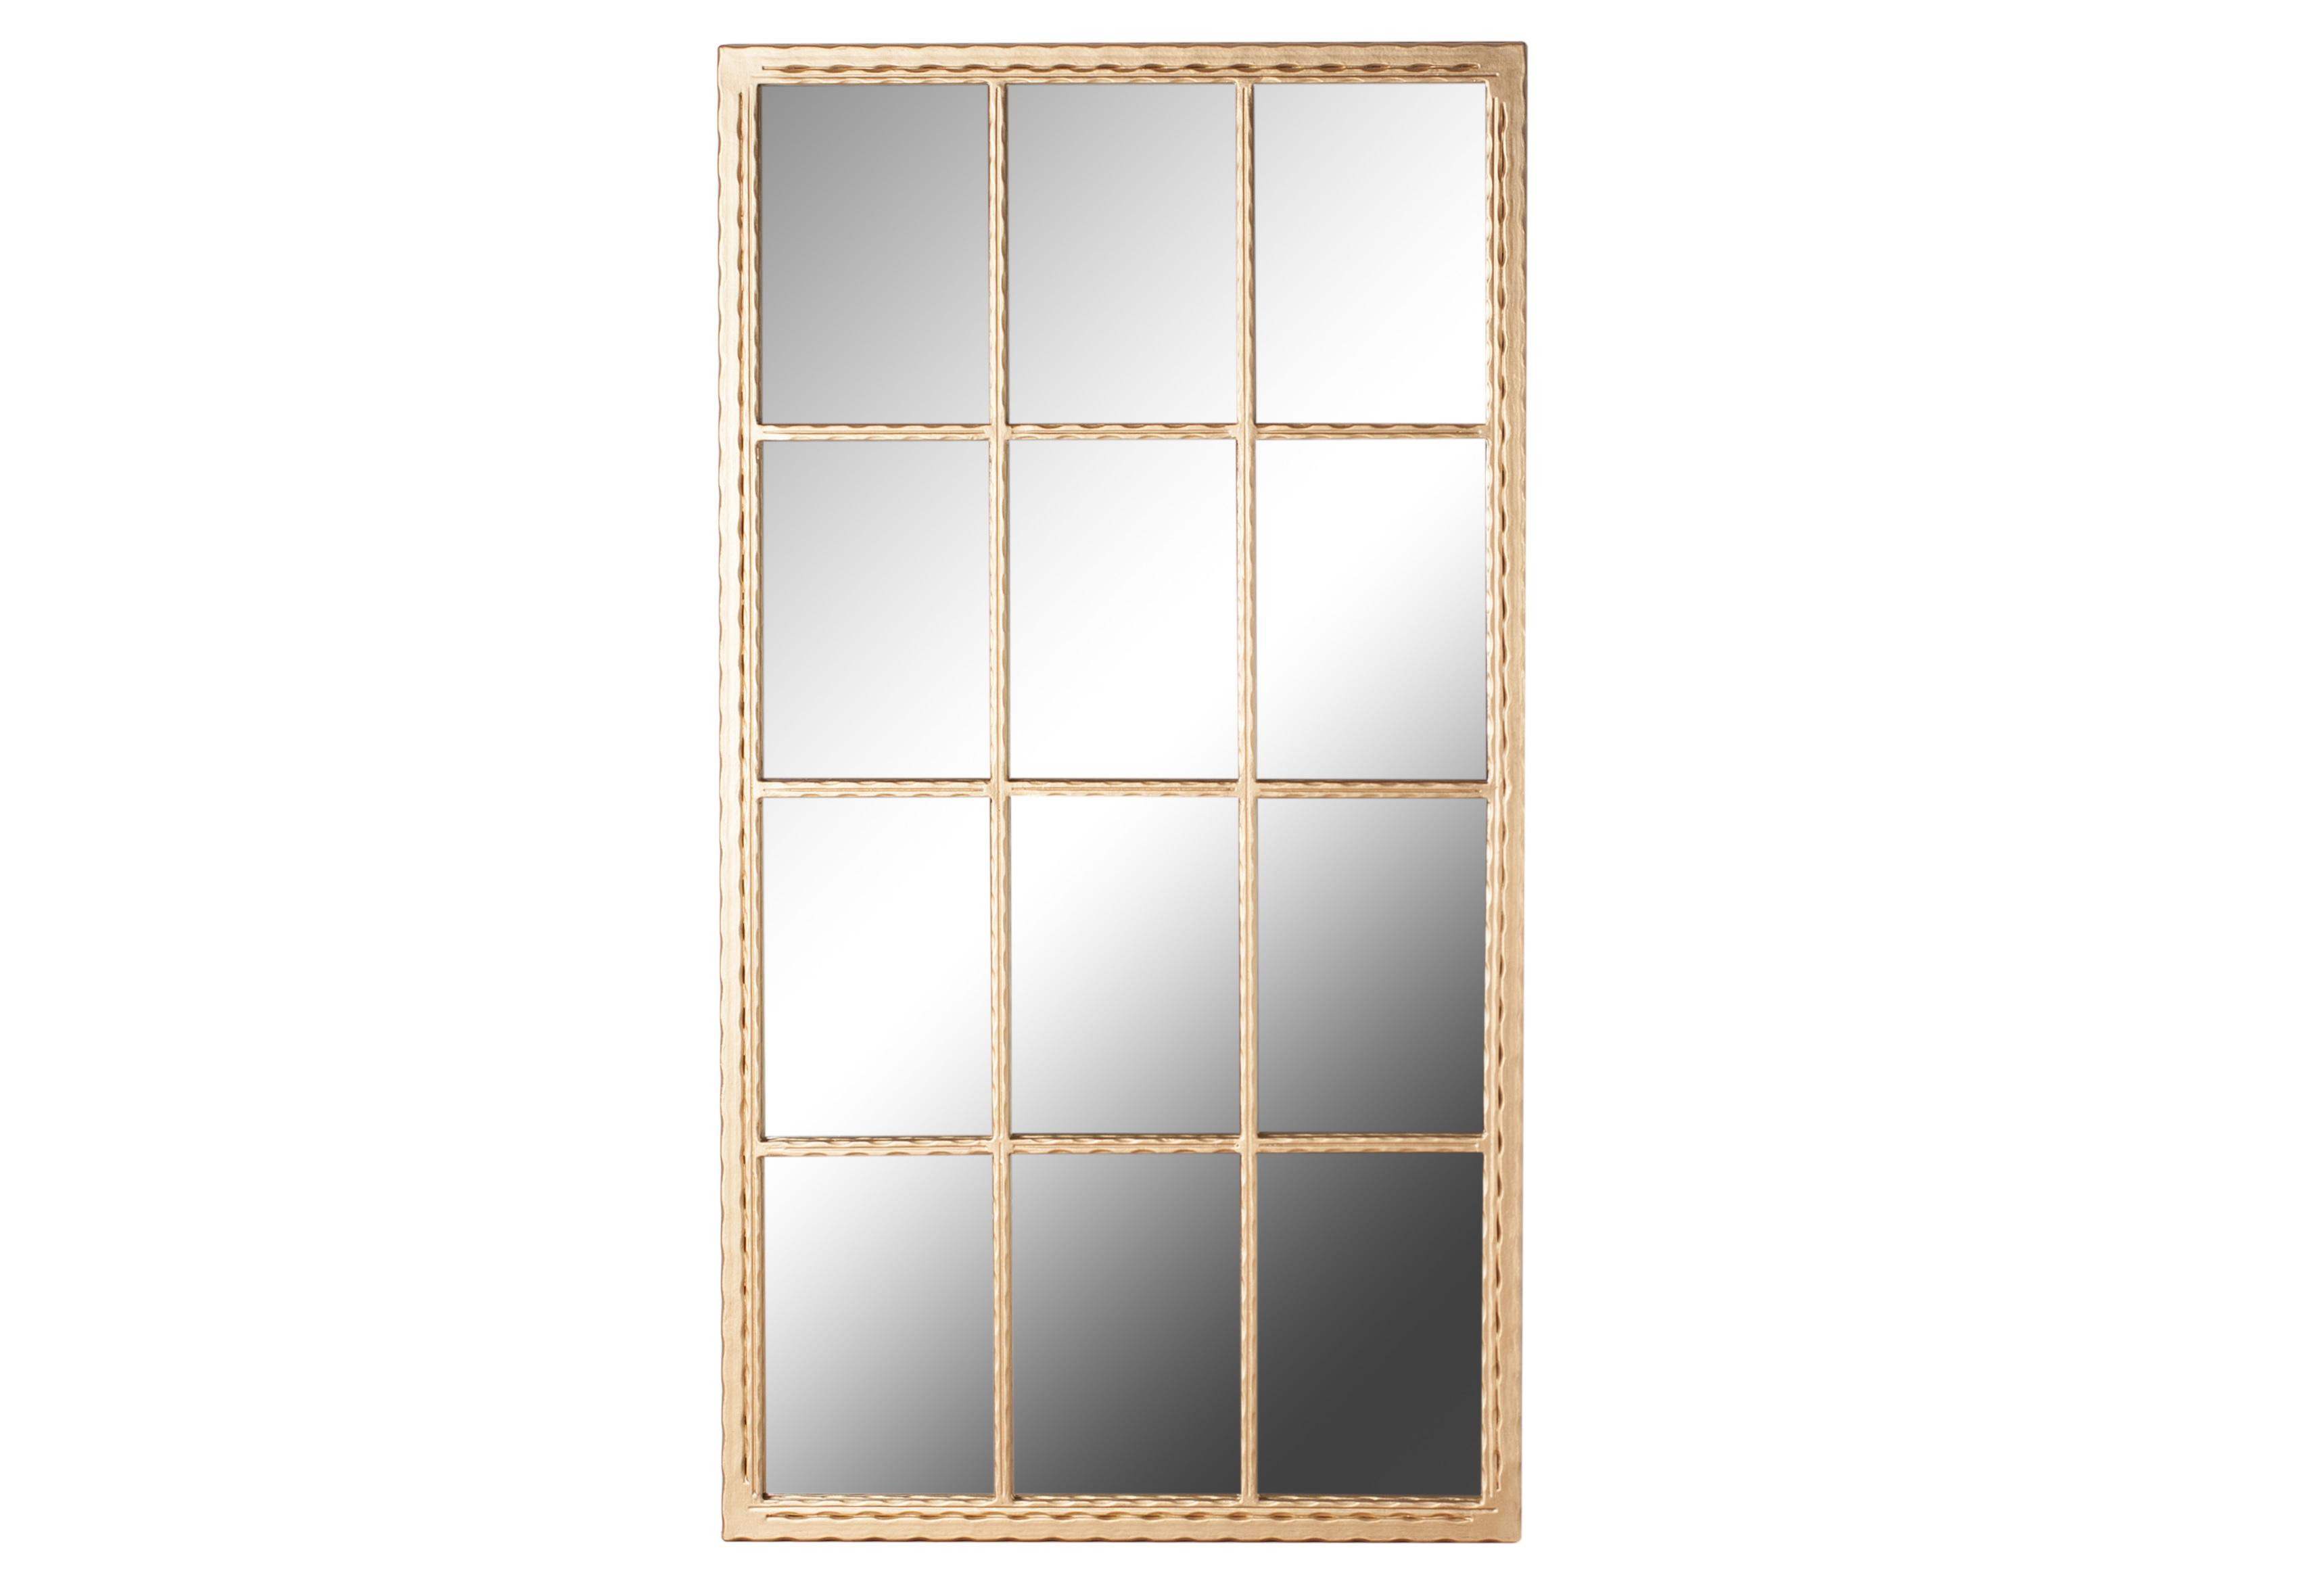 ЗеркалоНастенные зеркала<br>Зеркало в золотой металлической раме в виде окна прямоугольной формы. Окно-обманка - популярный дизайнерский прием, позволяющий добавить ощущение пространства там, где его не хватает. Такое зеркало станет стилистическим акцентом в интерьере fashion или эклектика. Произведено в России. Металлические детали обработаны порошковой покраской методом напыления. Эта технология обеспечивает высокое качество поверхности металла и способна придать красивый оттенок золотому покрытию.<br><br>Material: Стекло<br>Length см: None<br>Width см: 65<br>Depth см: 5<br>Height см: 120<br>Diameter см: None